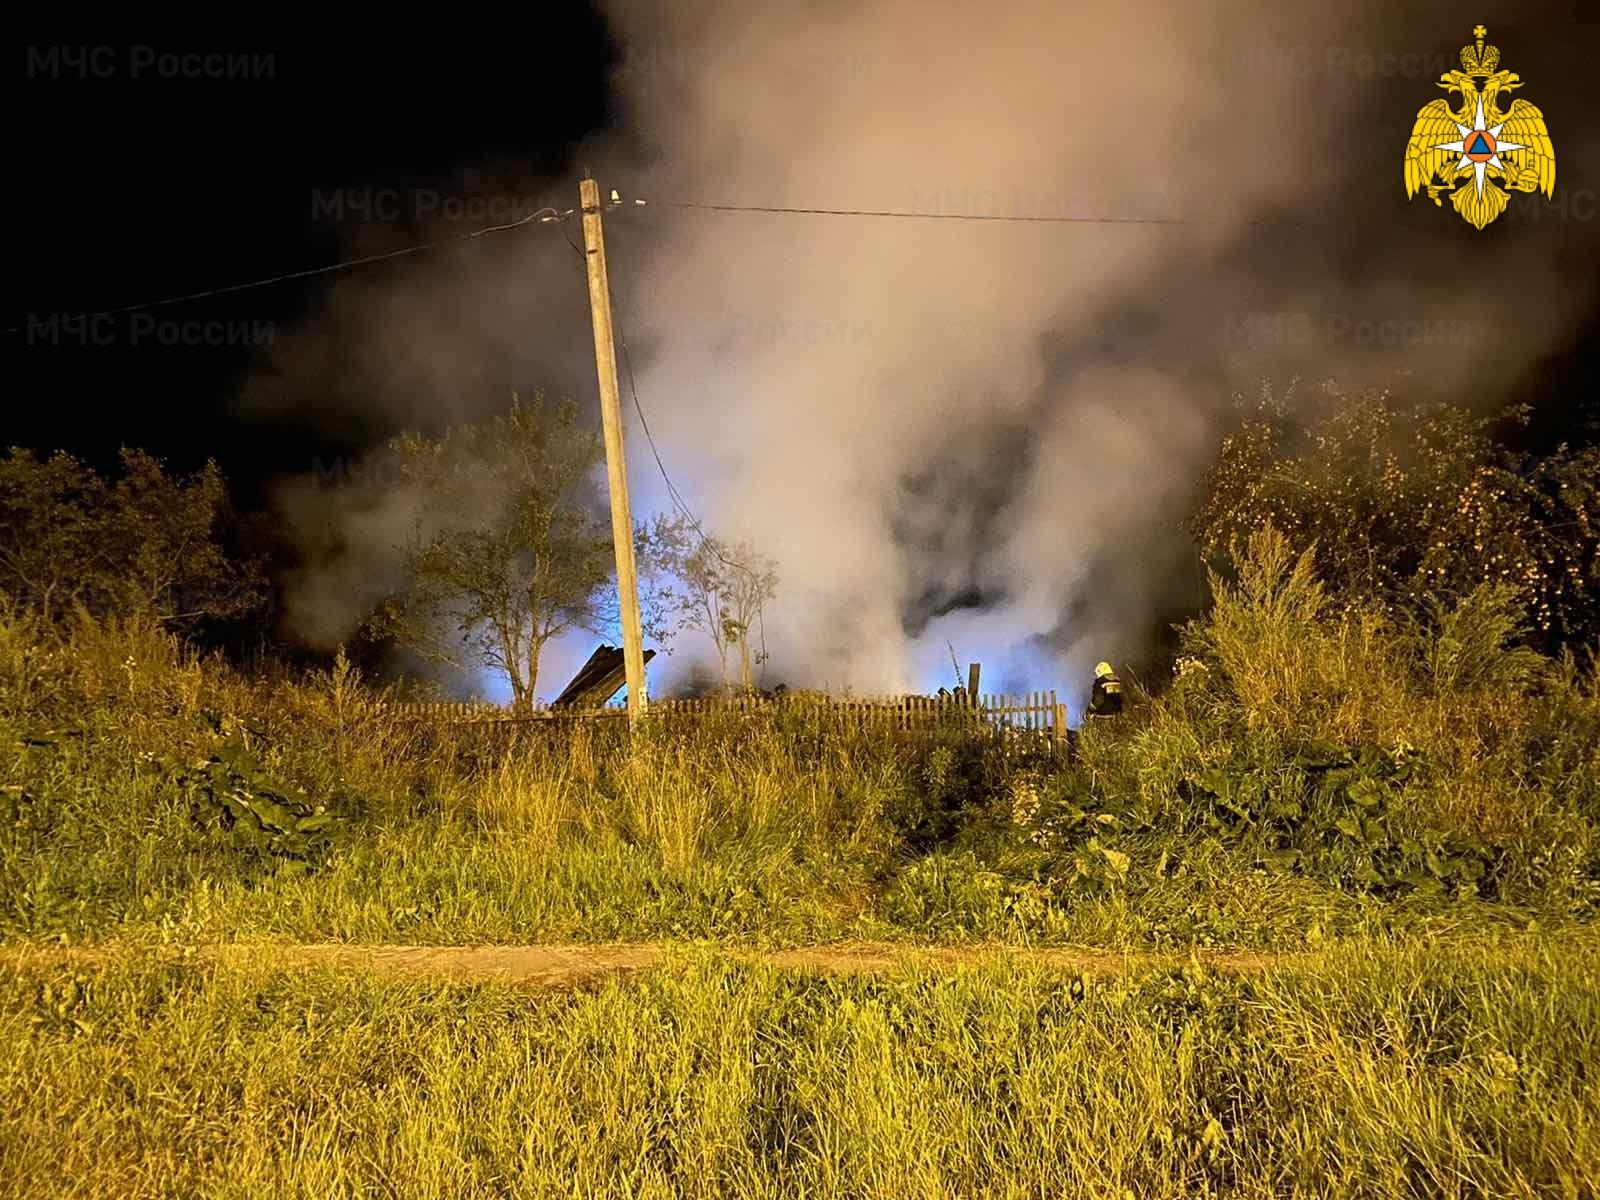 Пожар в Мосальском районе, д. Людково, ул. Шоссейная